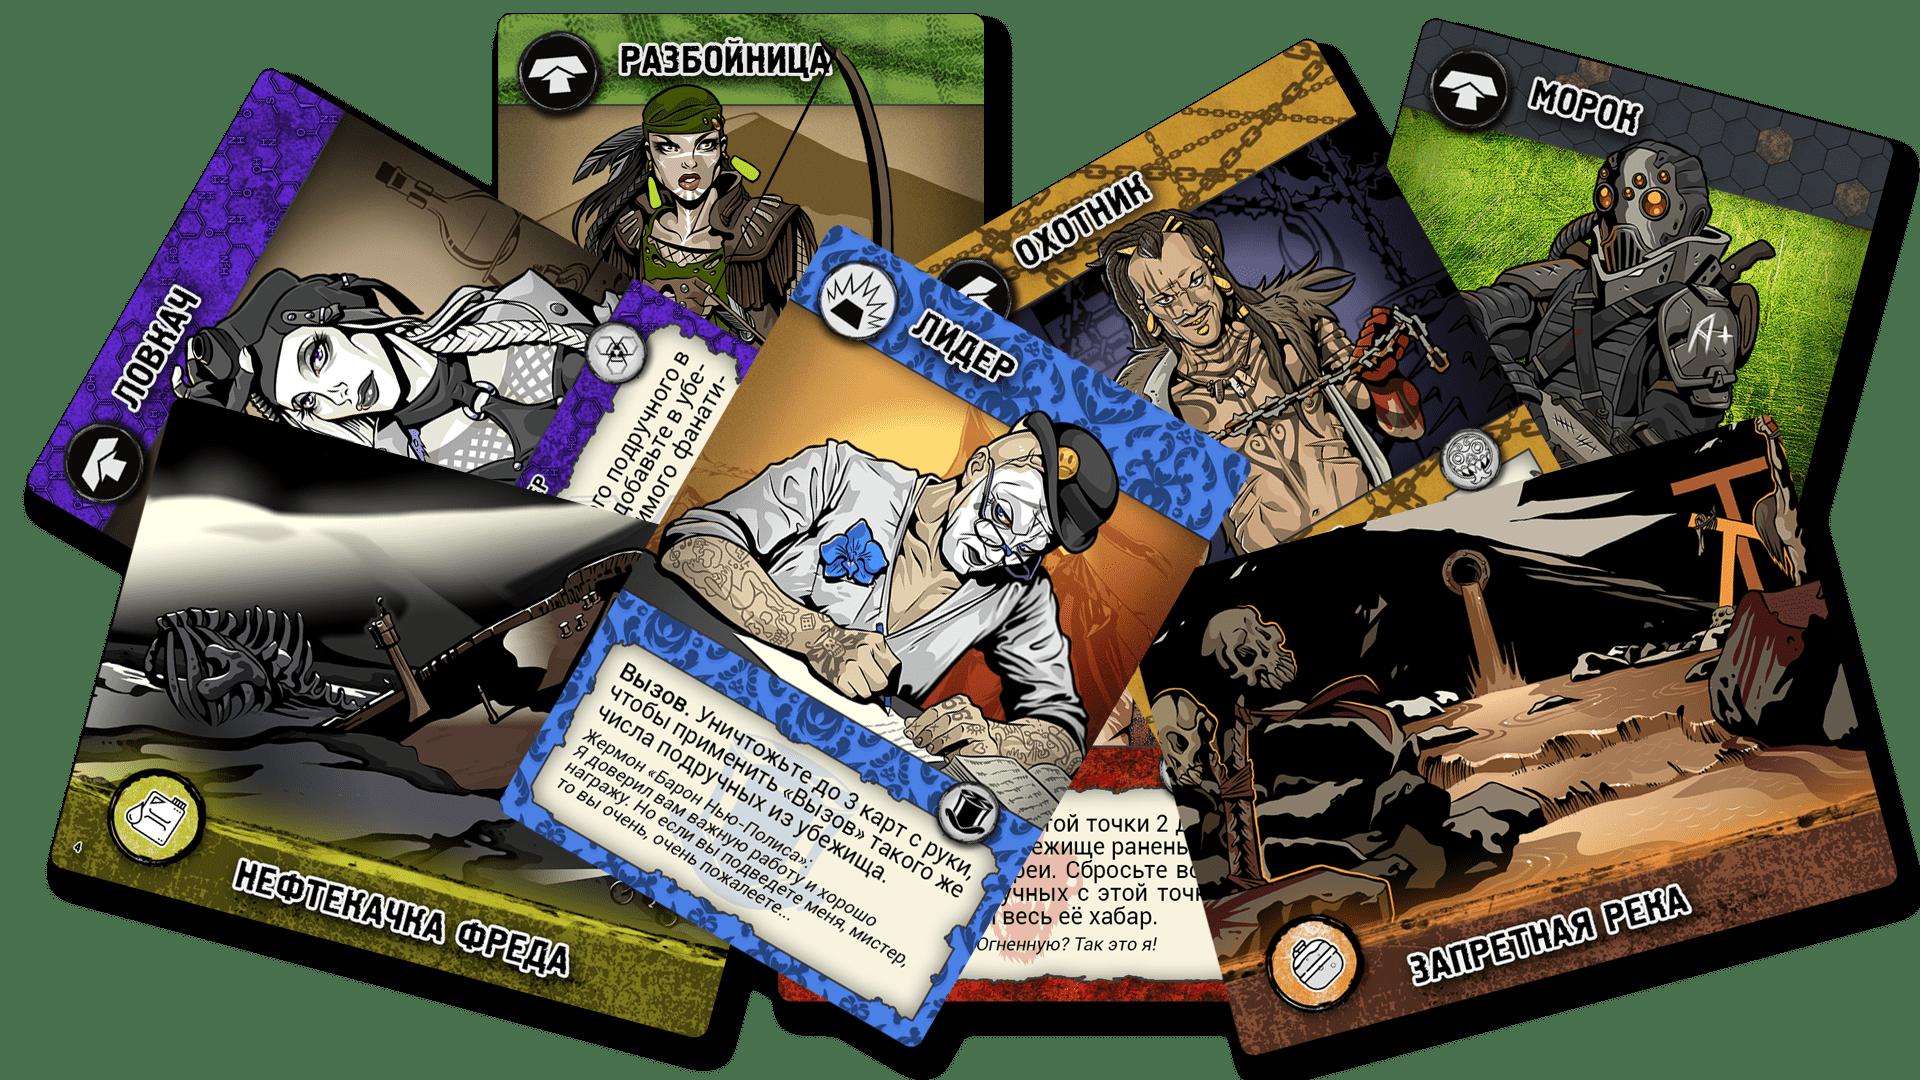 Краудфандинг: отечественная карточная настолка «Рейдеры Великих пустошей» 1